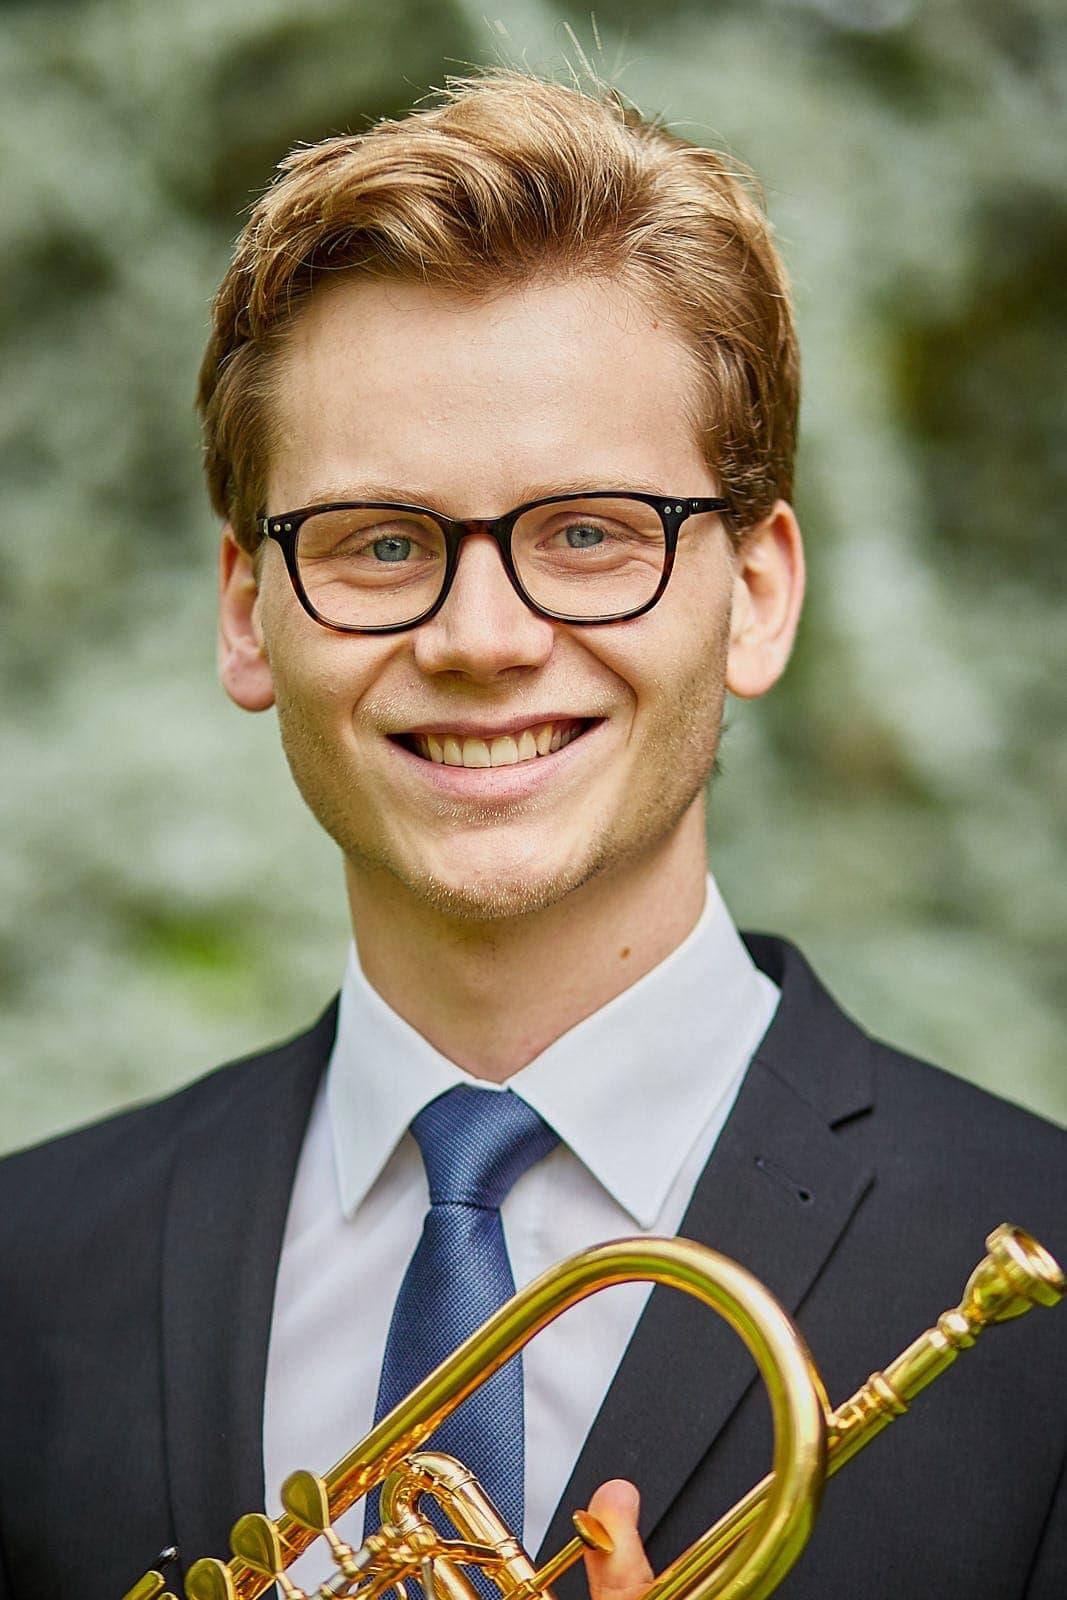 Johannes Leiner